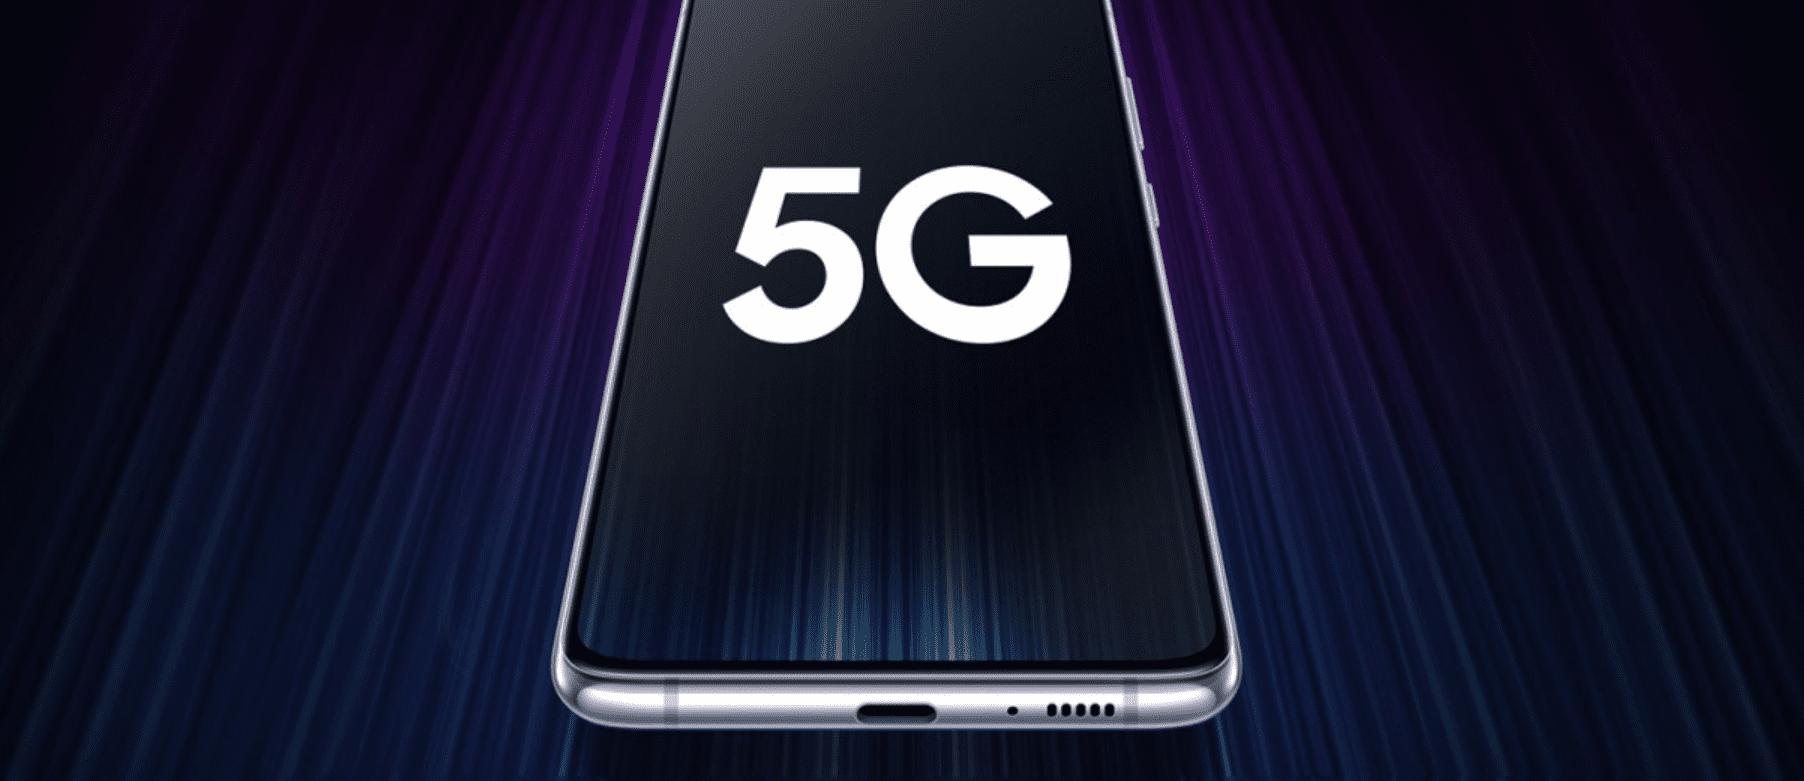 Поставки смартфонов 5G в 2022 году превысят объемы поставок 4G